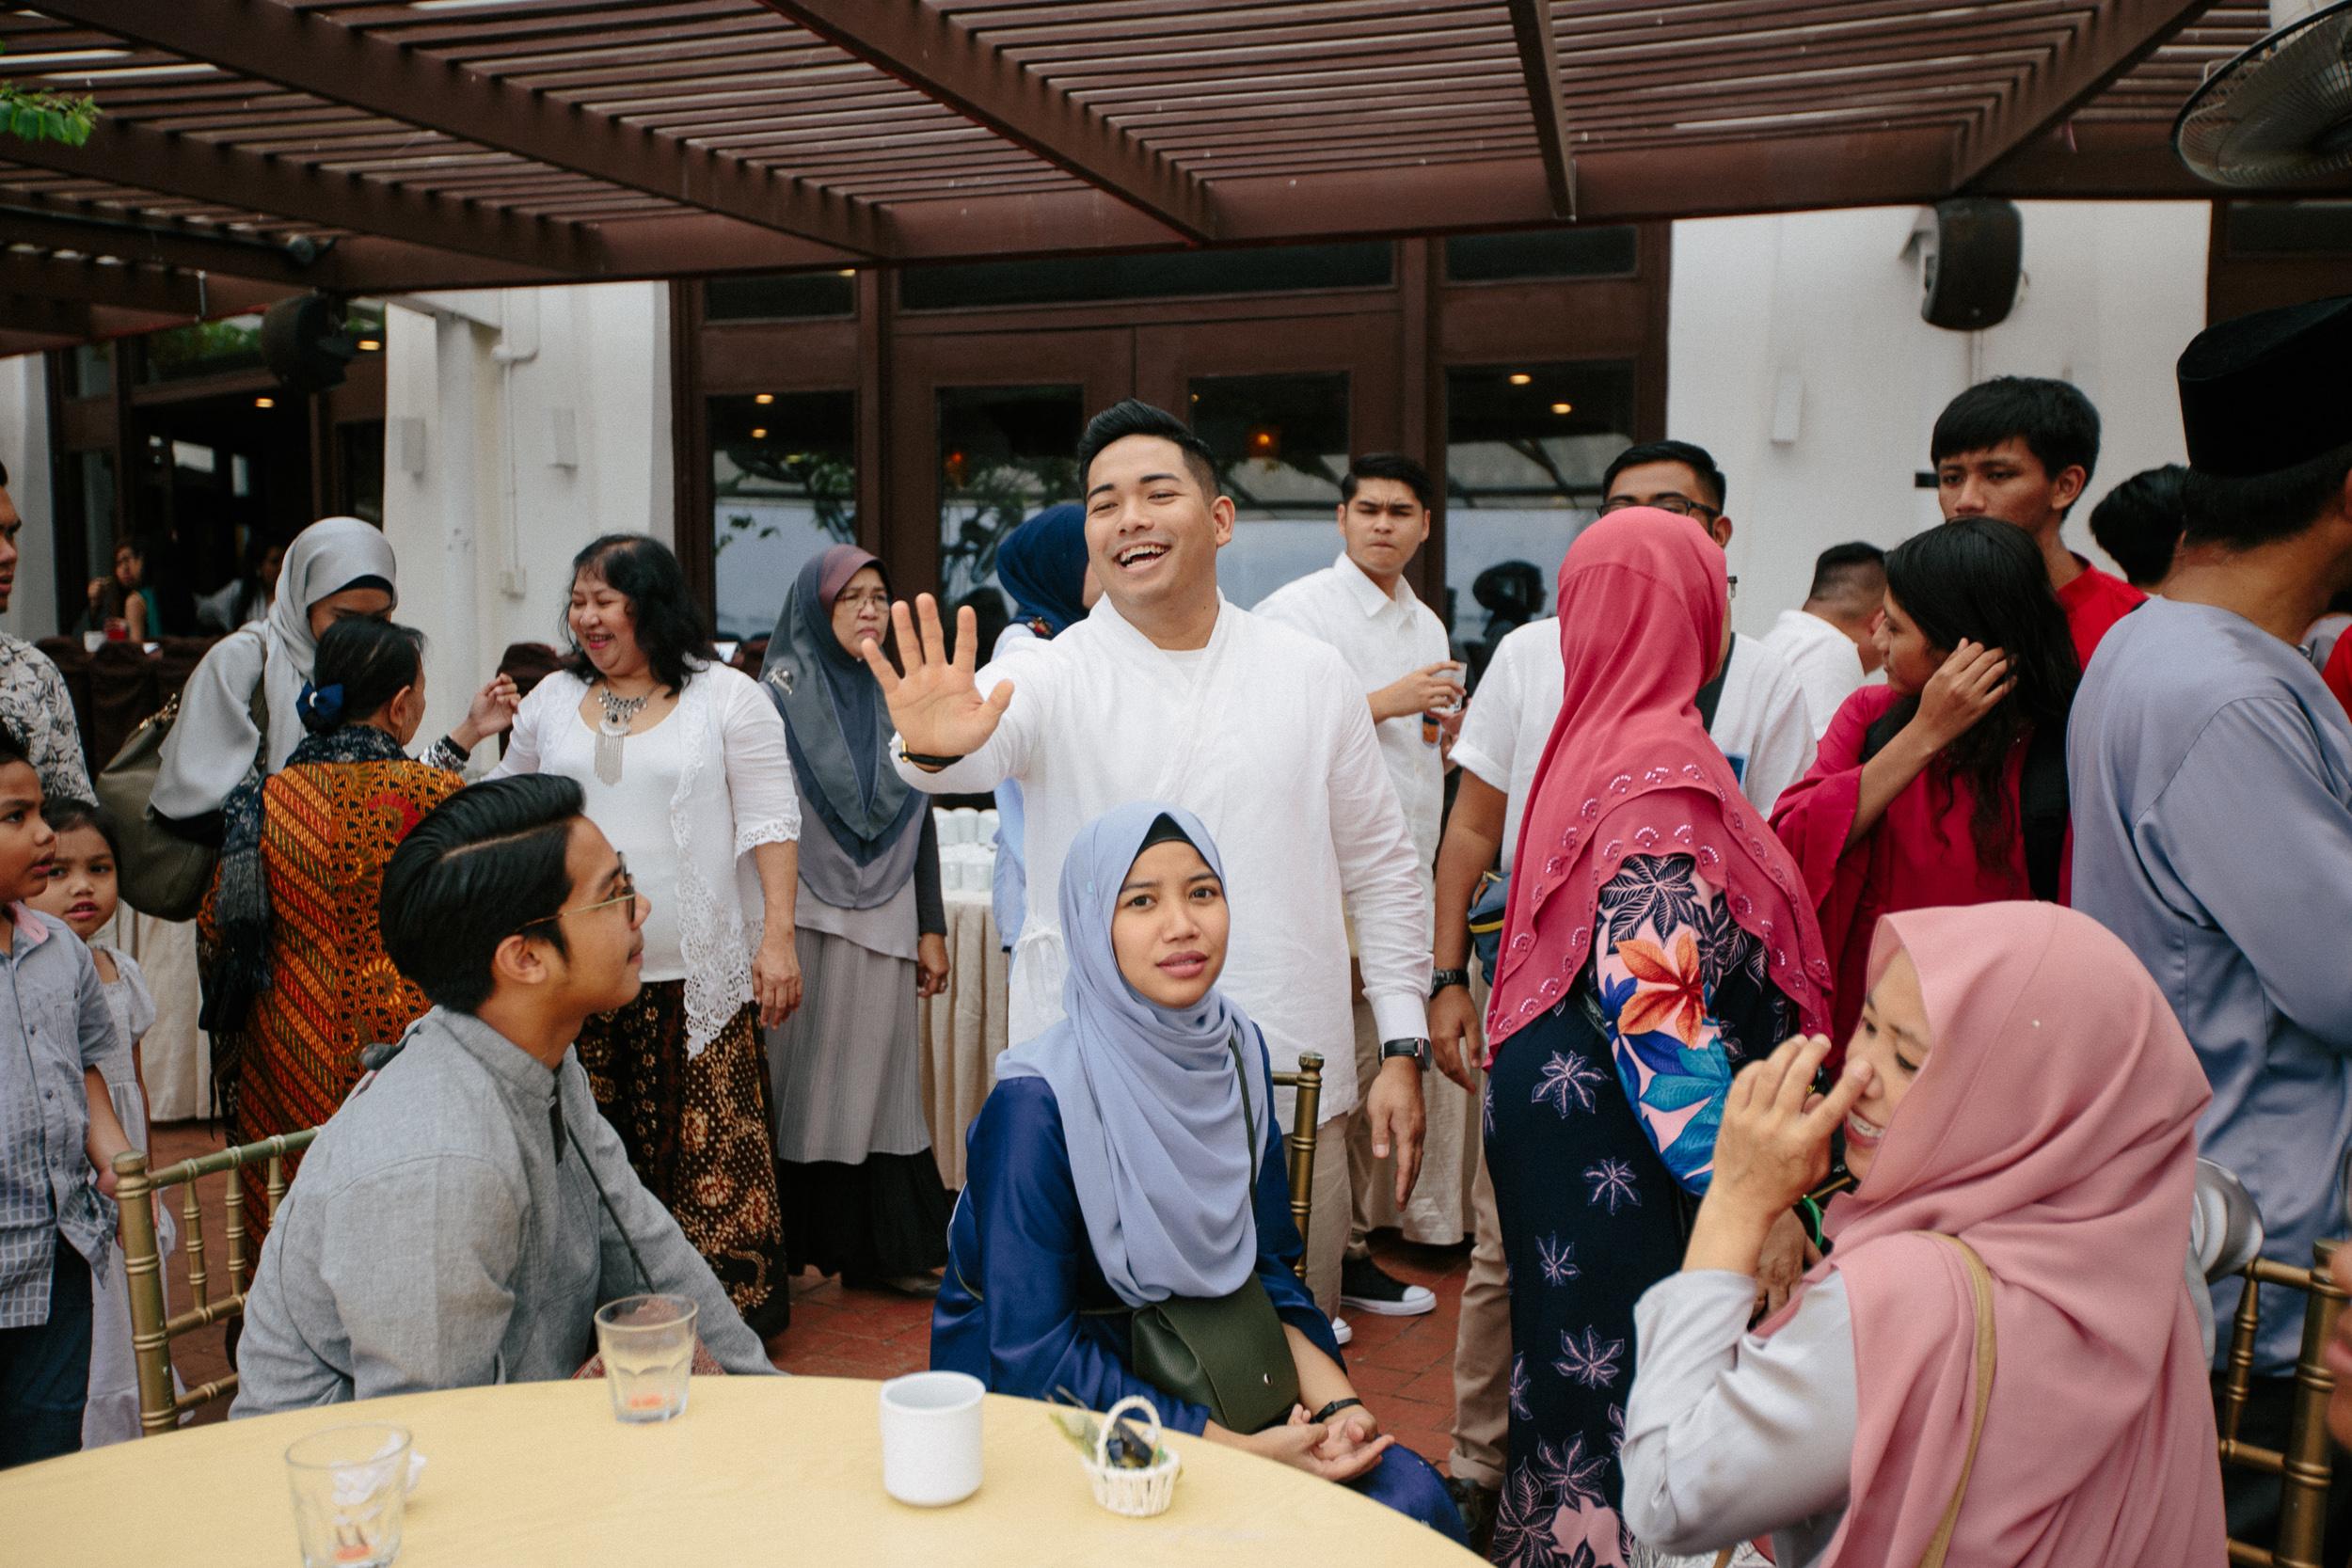 singapore-wedding-photographer-wemadethese-35.jpg